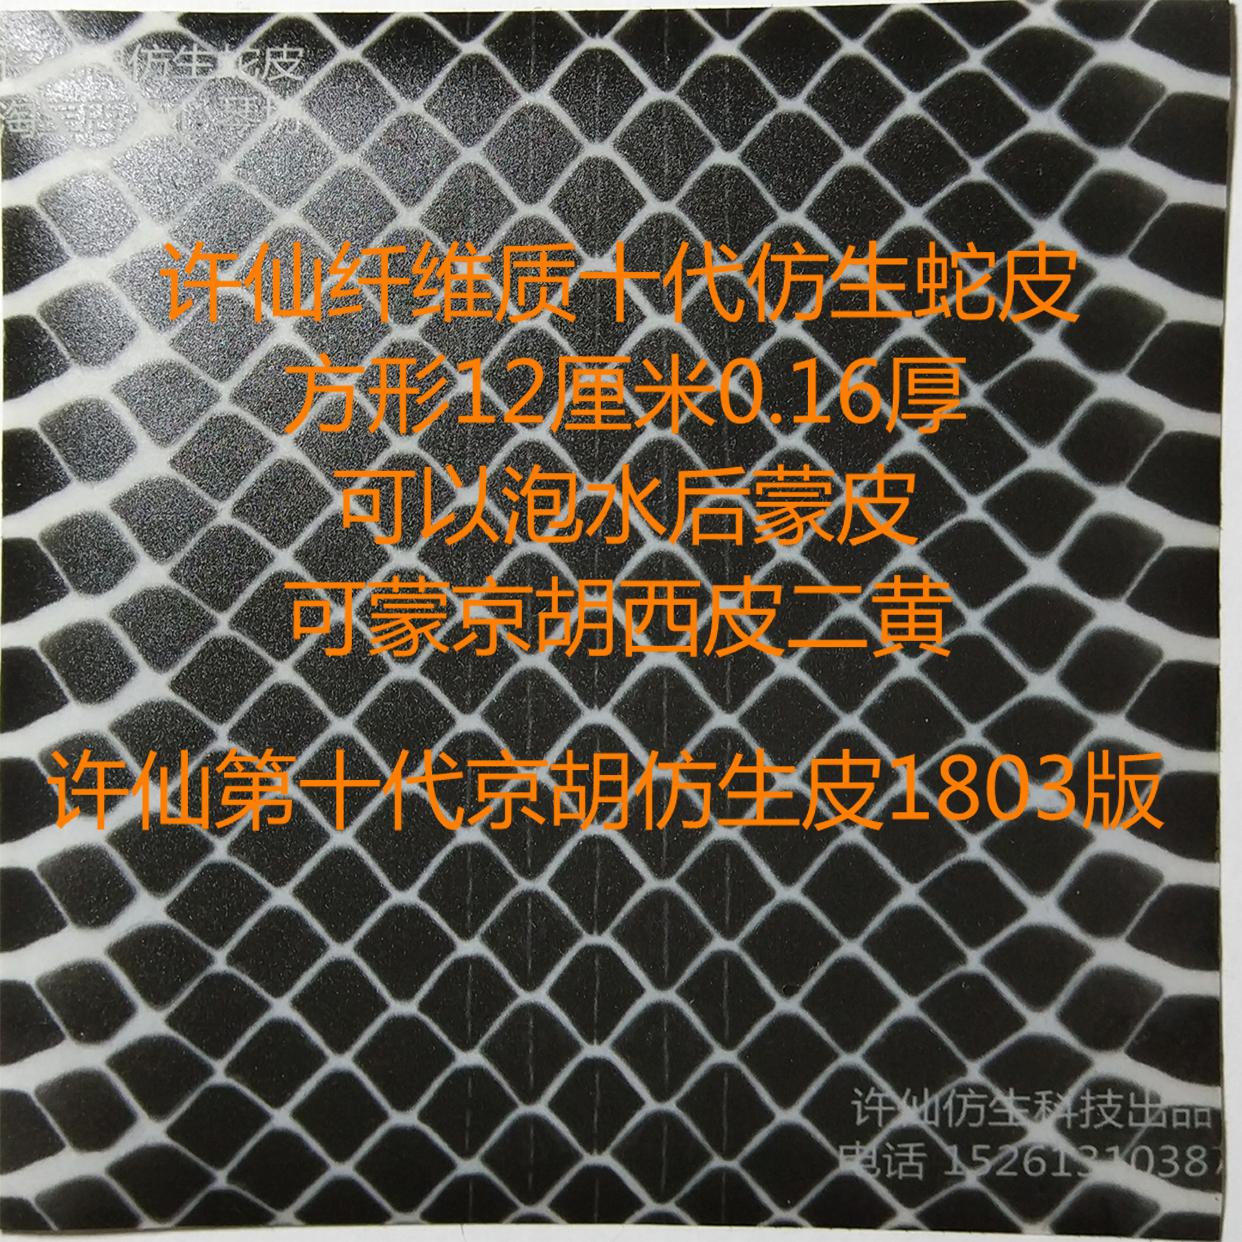 Сюй Сианьши поколение Волокно Jinghu копия Сырая кожа 1803 версия Прочная кожа профессионального класса оригинал Прямые продажи в подарок клей